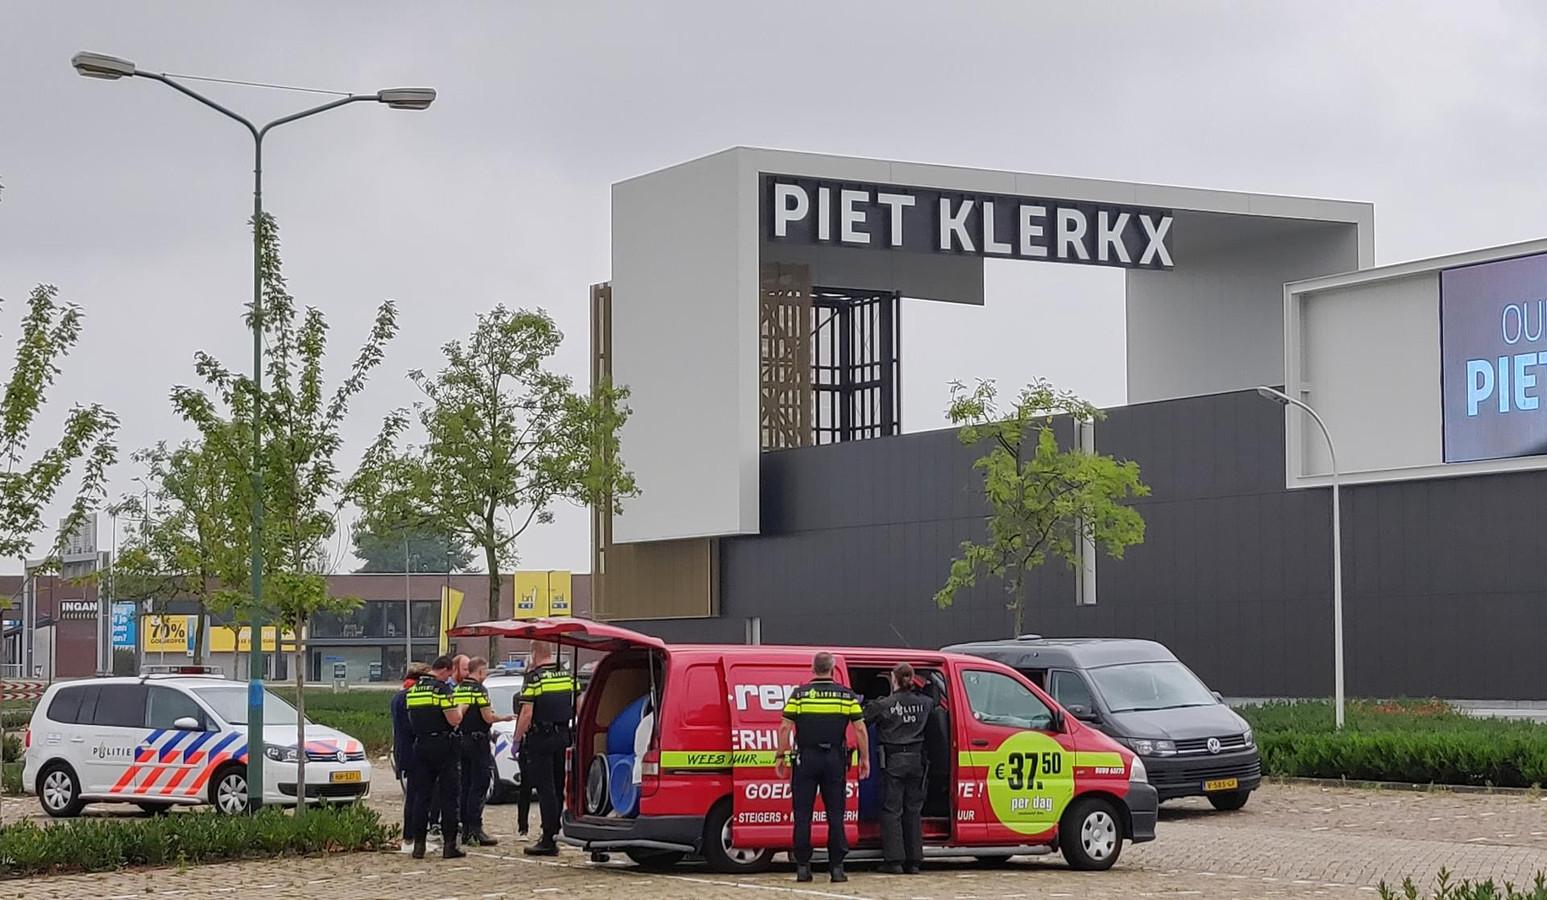 Piet Klerkx Waalwijk : Gehuurd busje vol drugsvaten gevonden op parkeerplaats in waalwijk